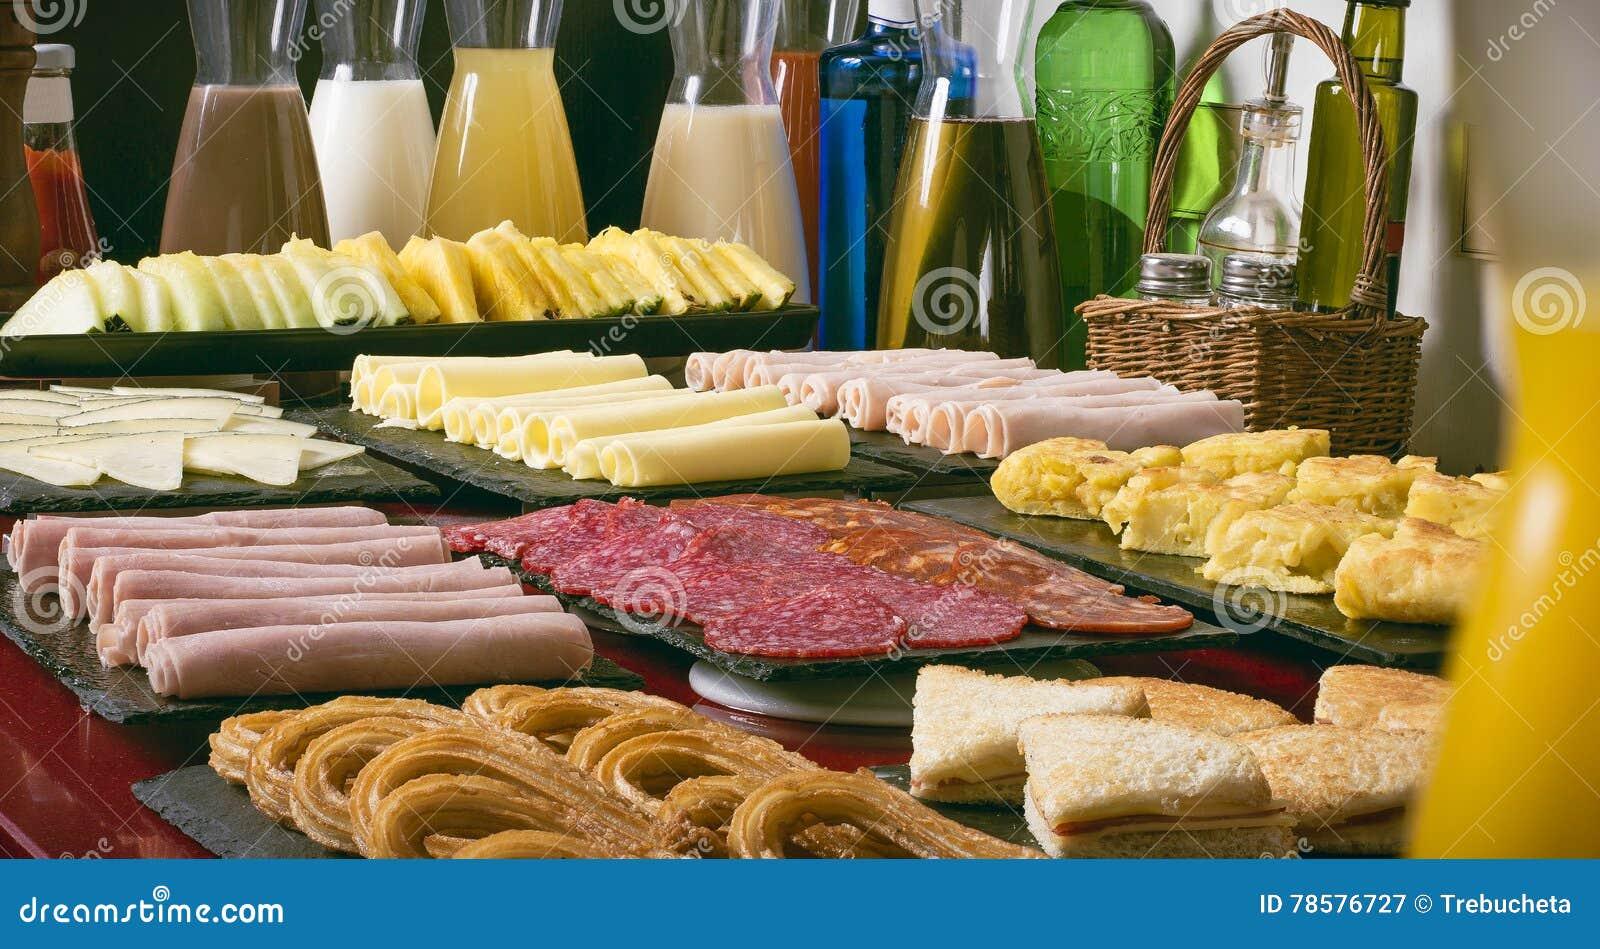 Getränke Und Lebensmittel Morgens In Einem Hotel Stockbild - Bild ...